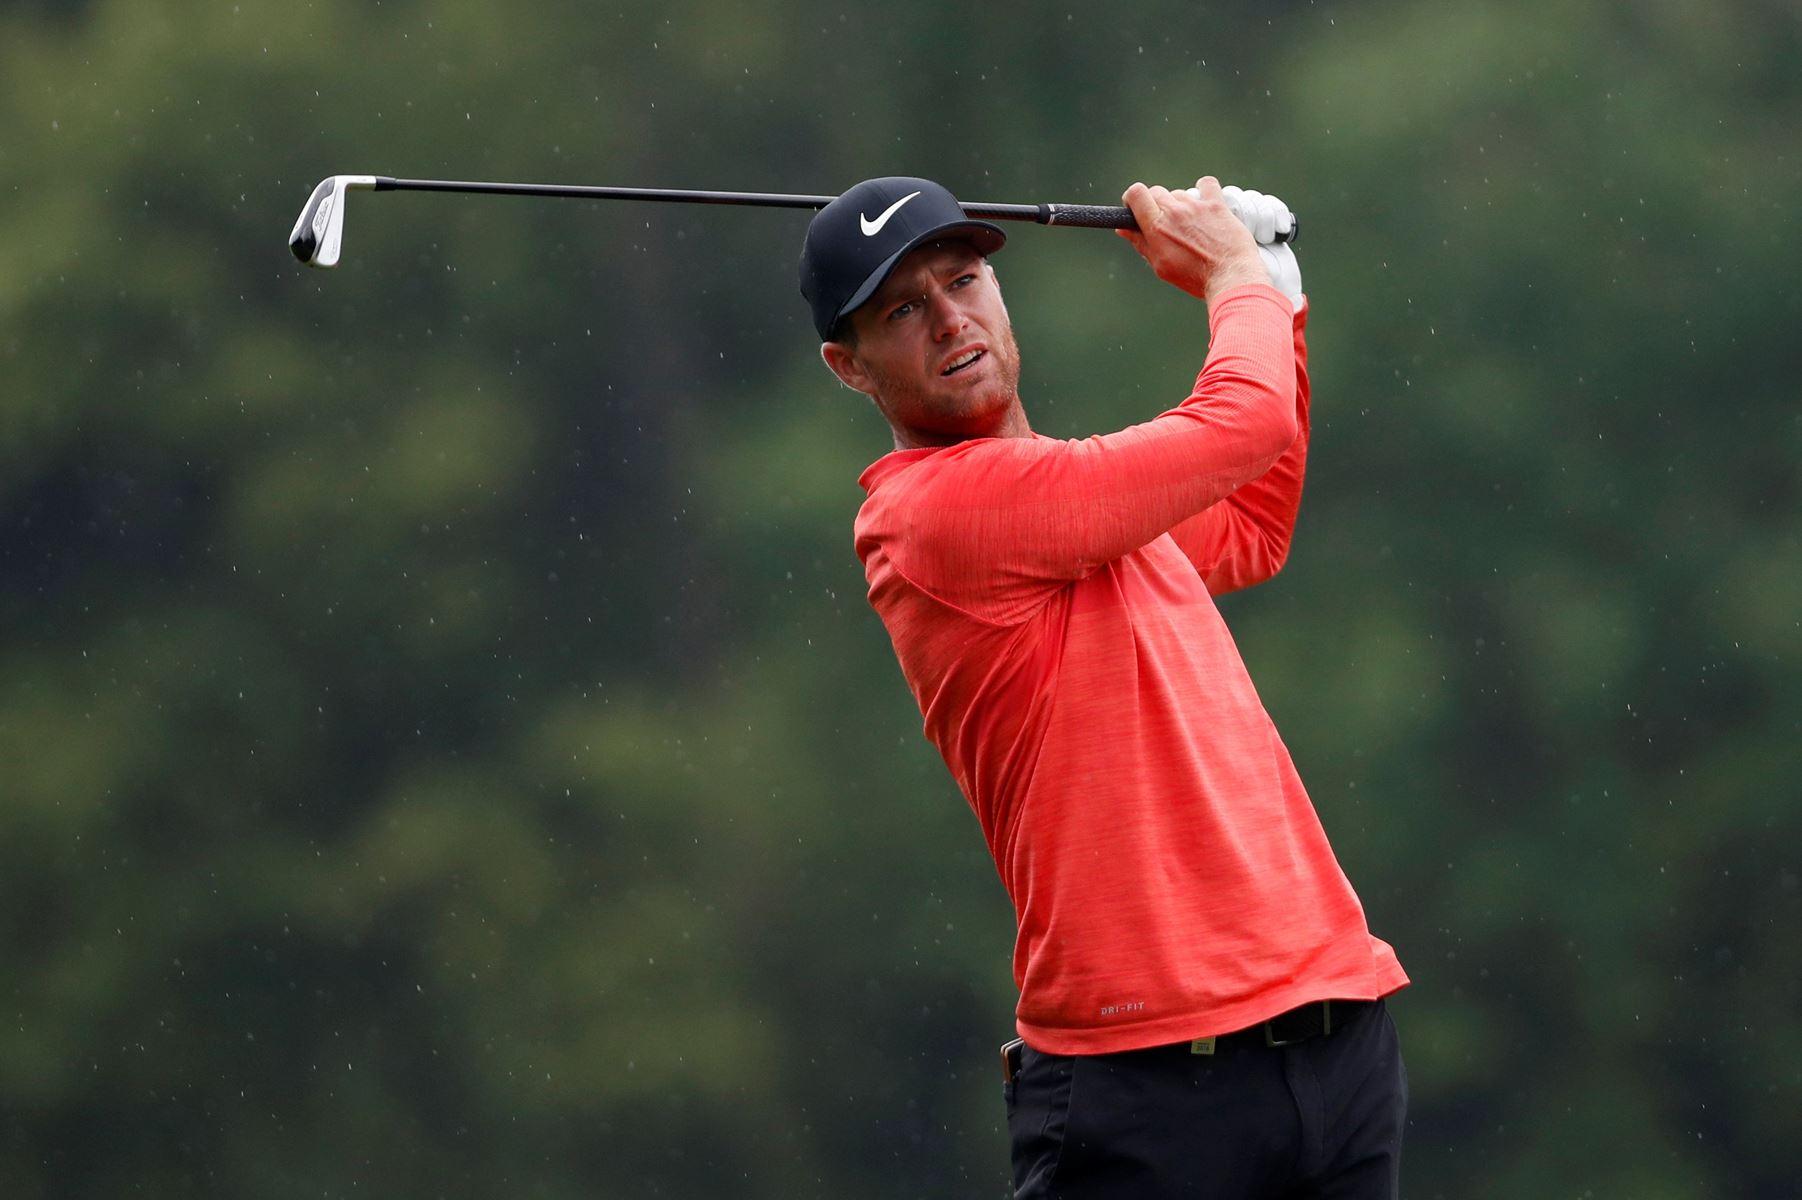 Syv birdies på første runde sendte Lucas Bjerregaard alene i spidsen af PGA Championship på Wentworth.